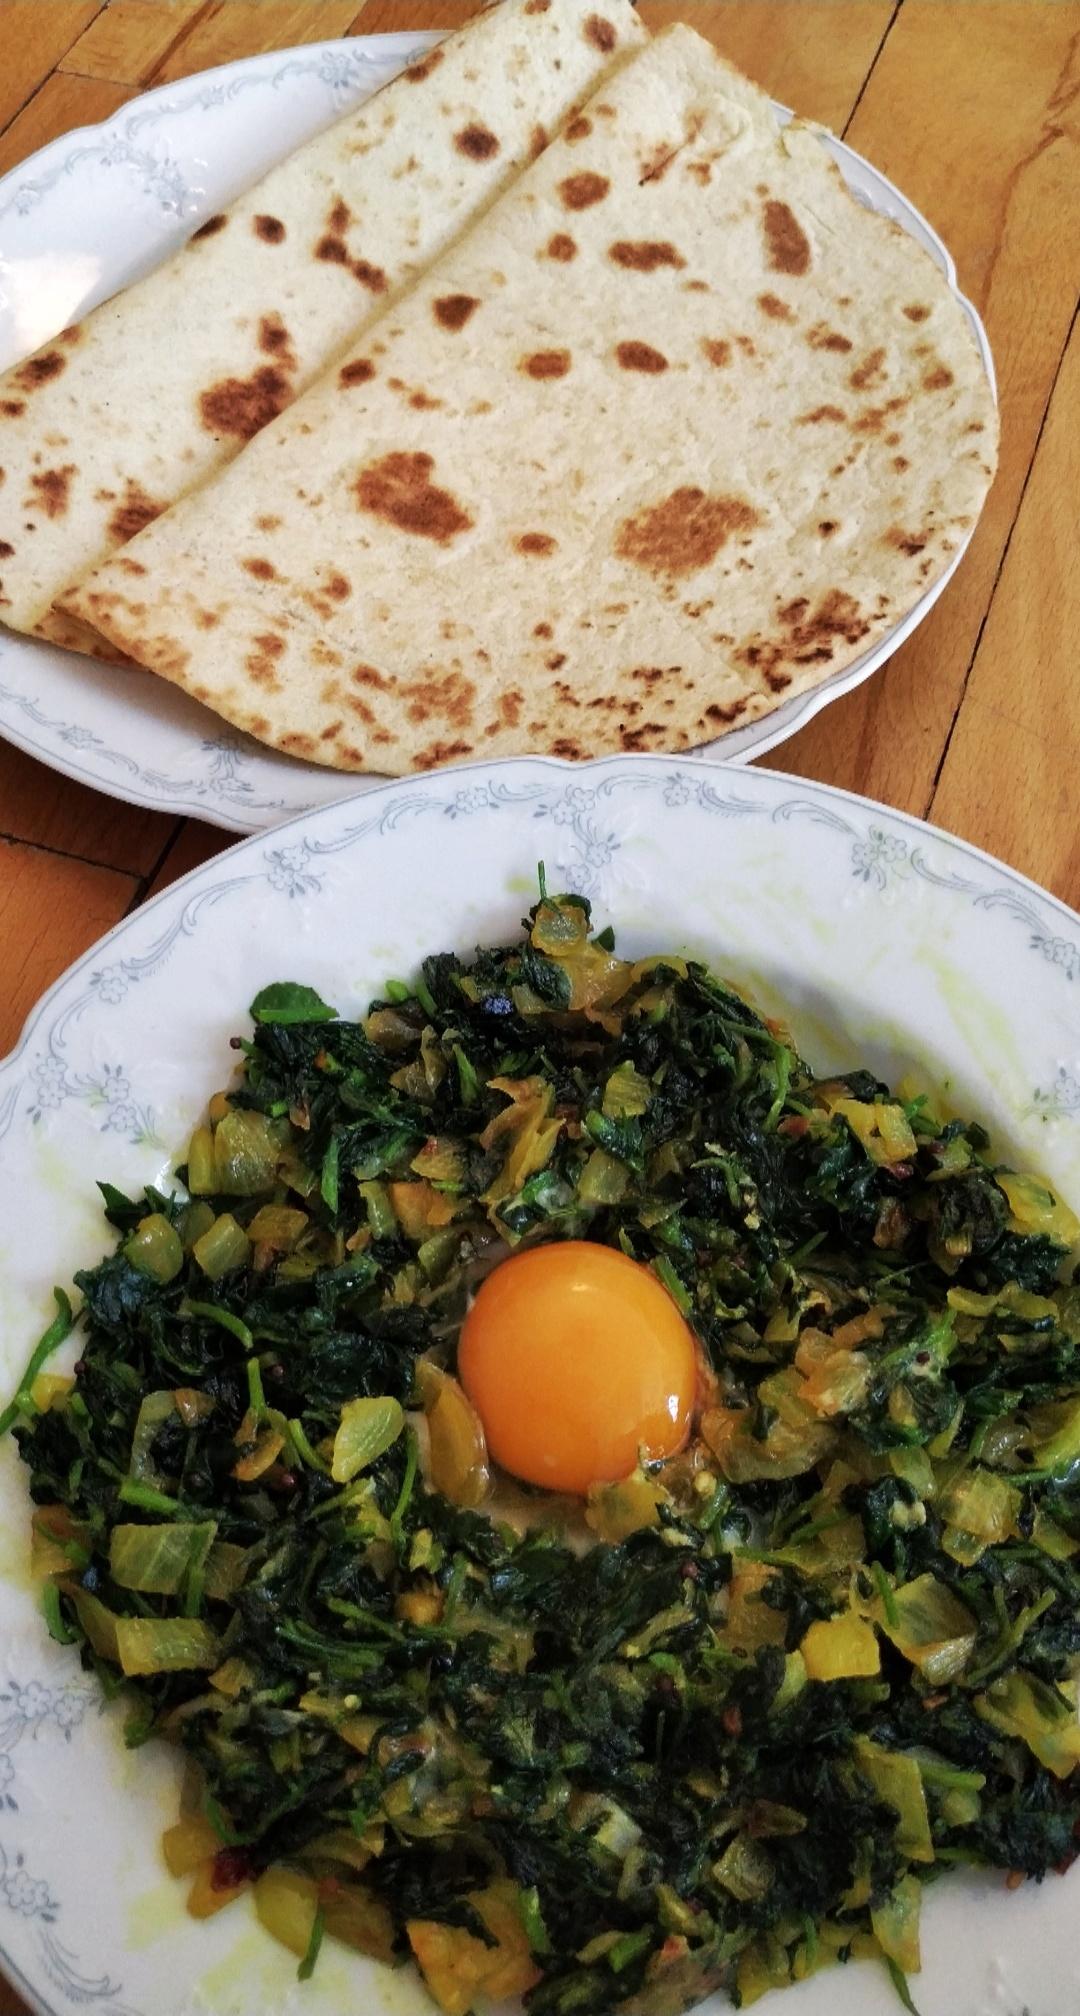 Methi omlet